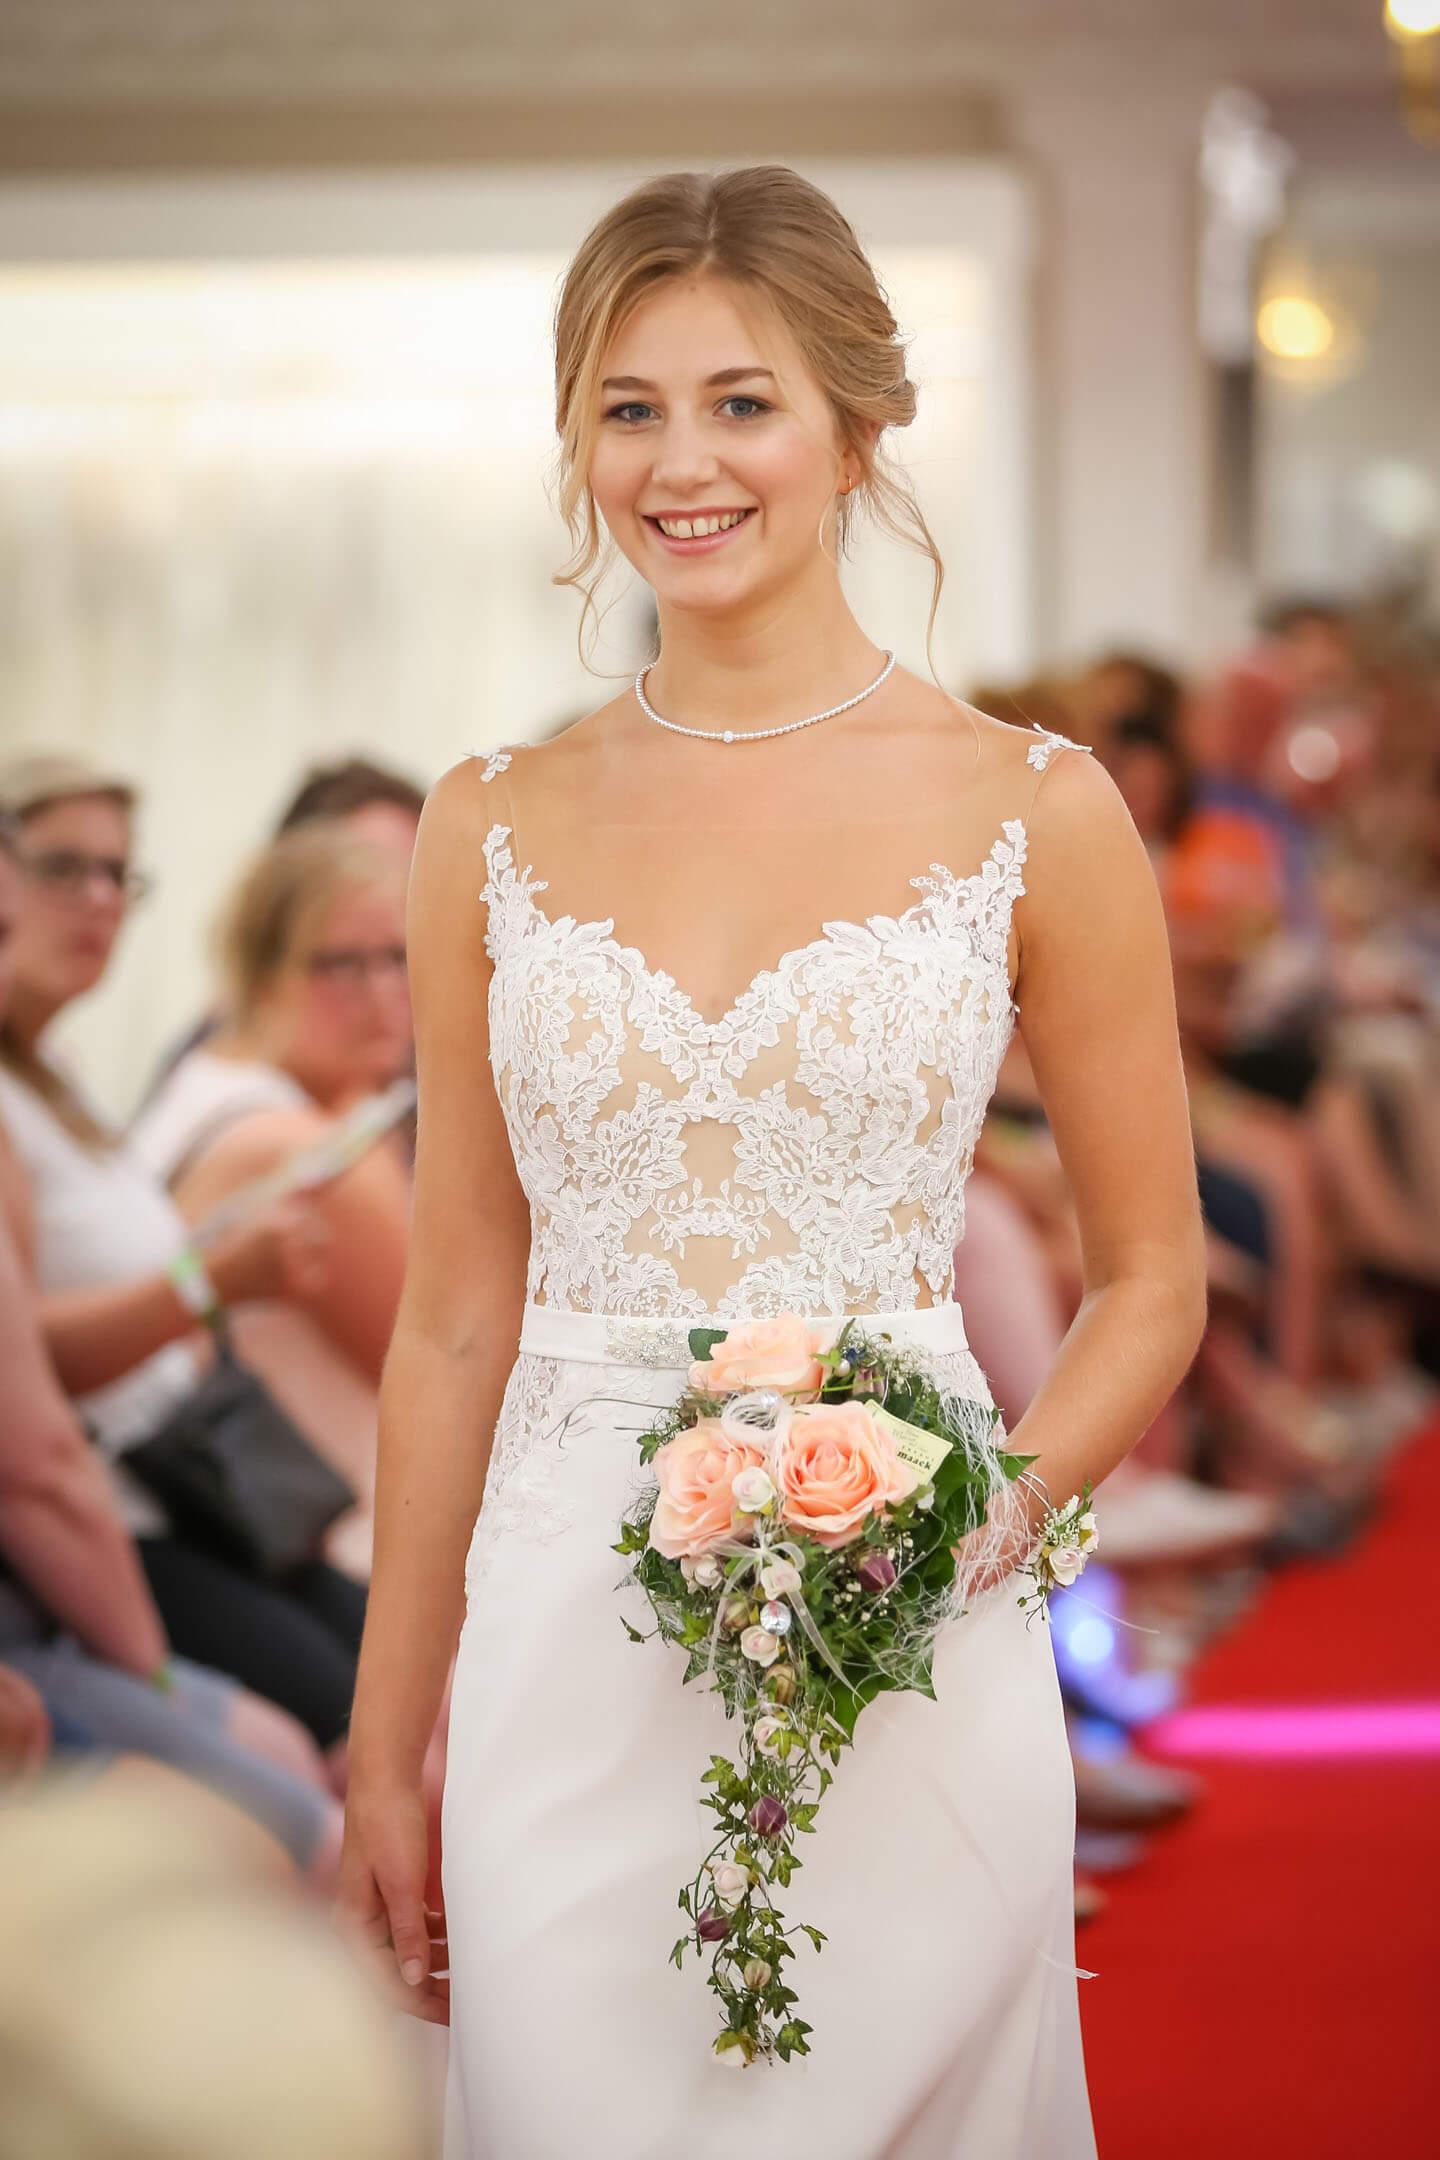 Brautkleid bei Modenschau. Fotograf Florian Läufer